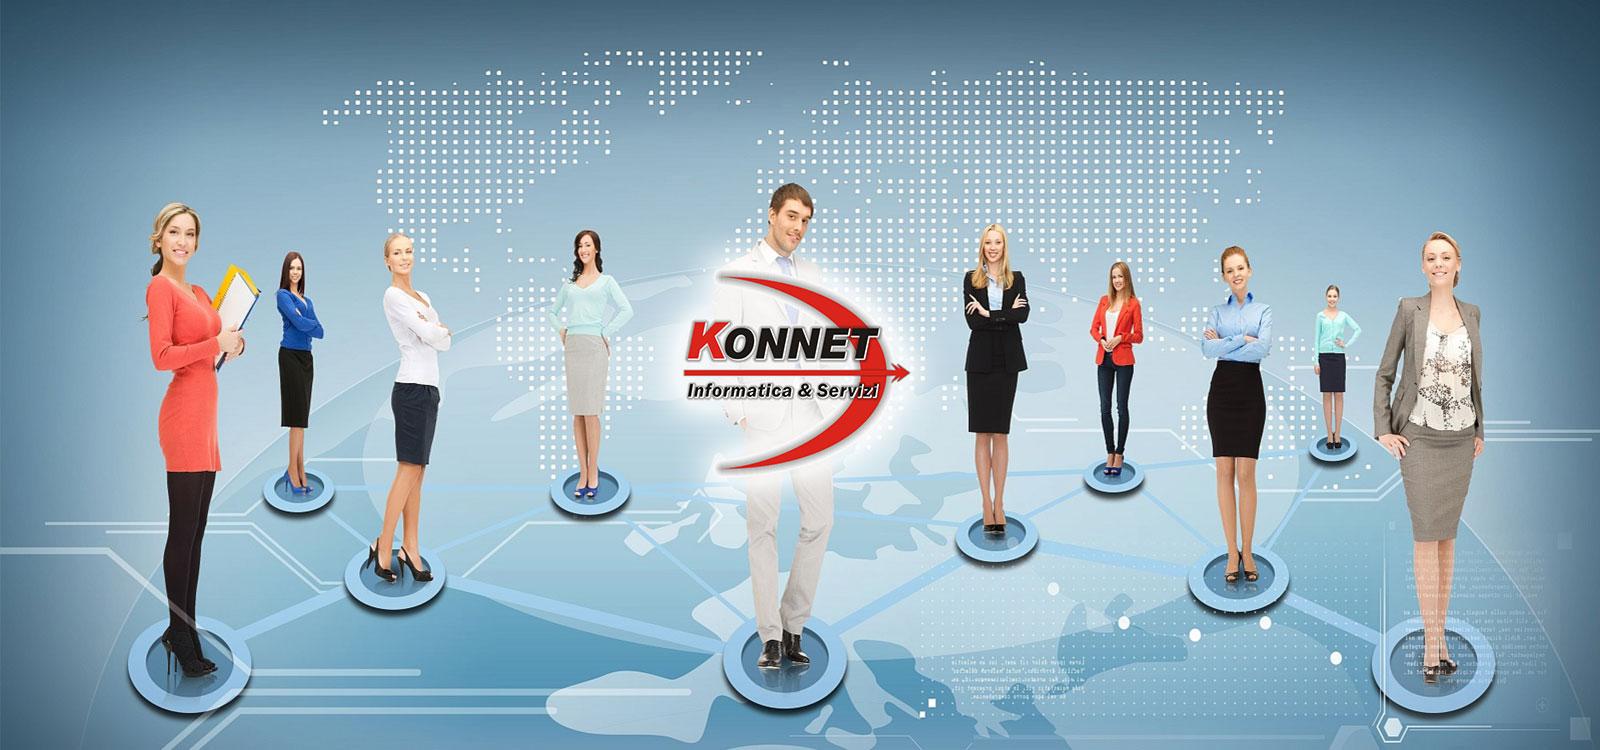 KONNET Informatica & Servizi